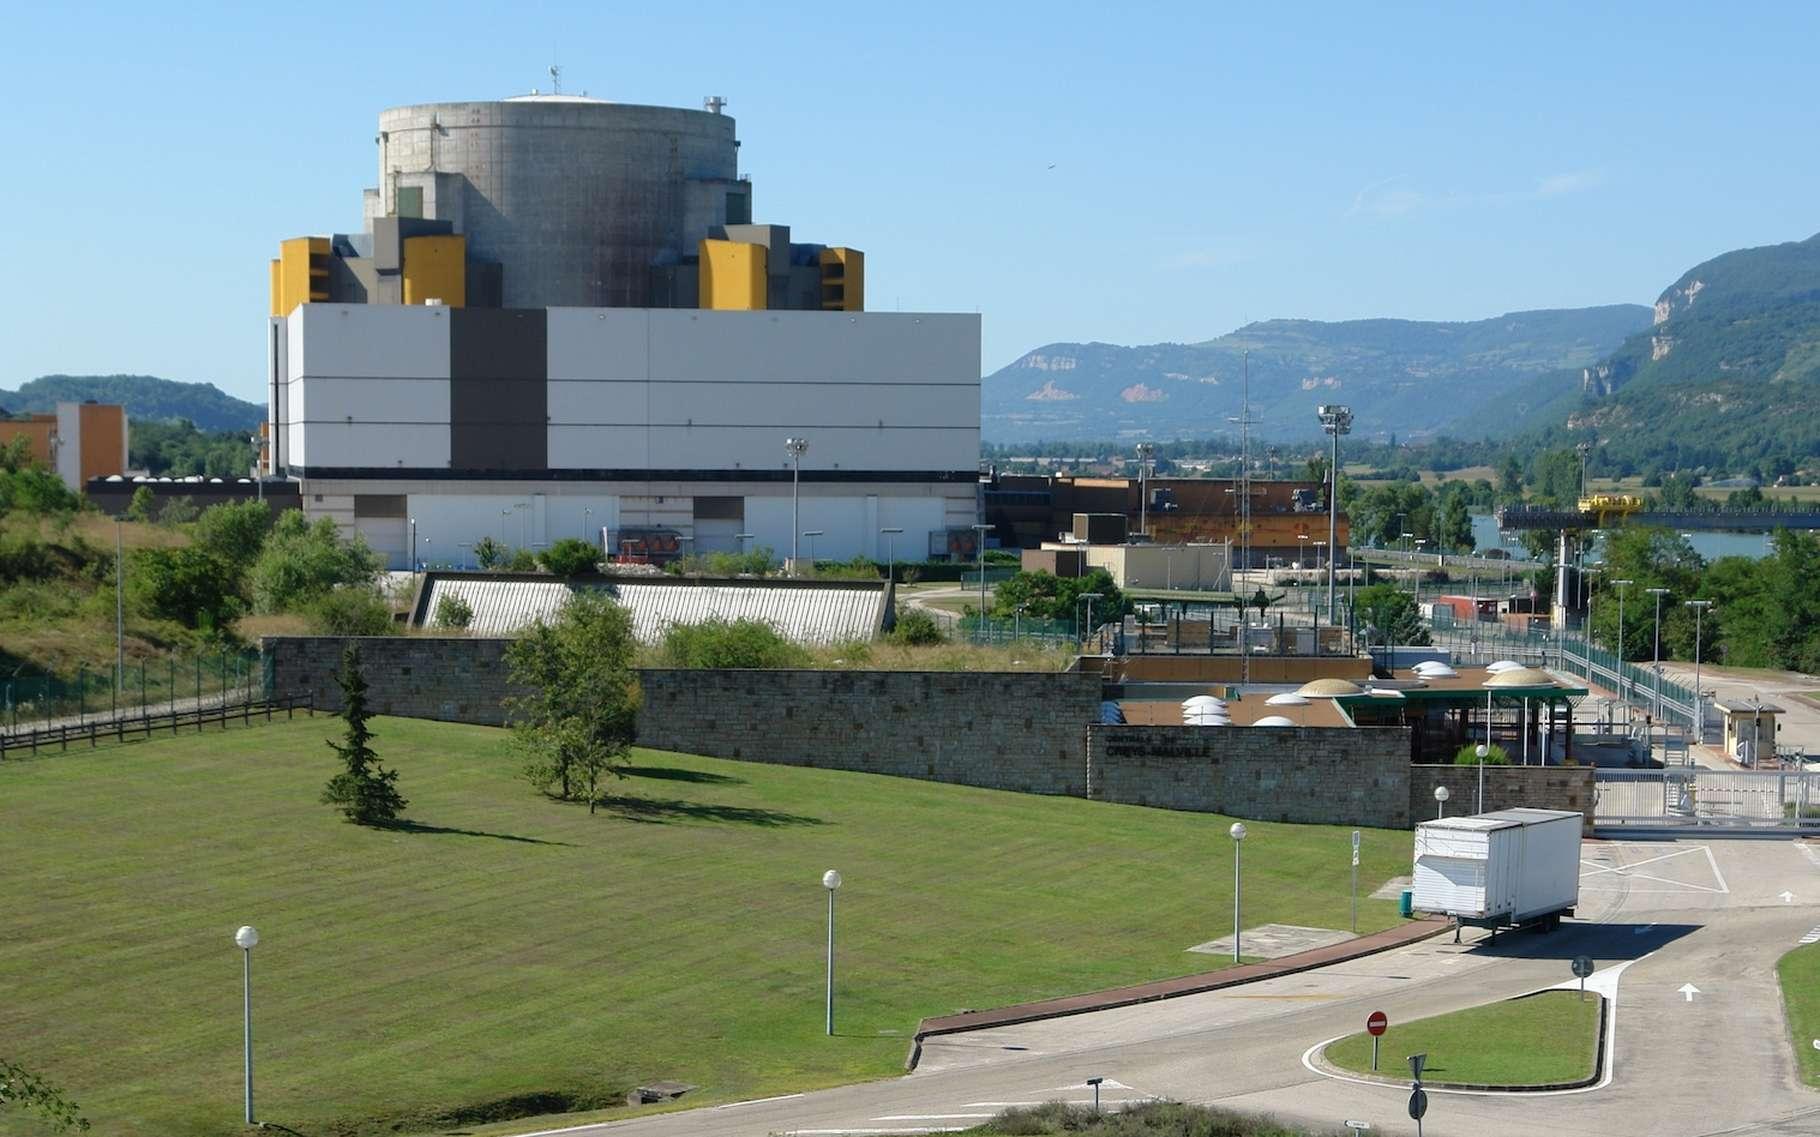 Les équipes d'EDF travaillent depuis plusieurs années au démantèlement du réacteur Superphénix. © I, Yann, Wikipedia, CC by-sa 3.0